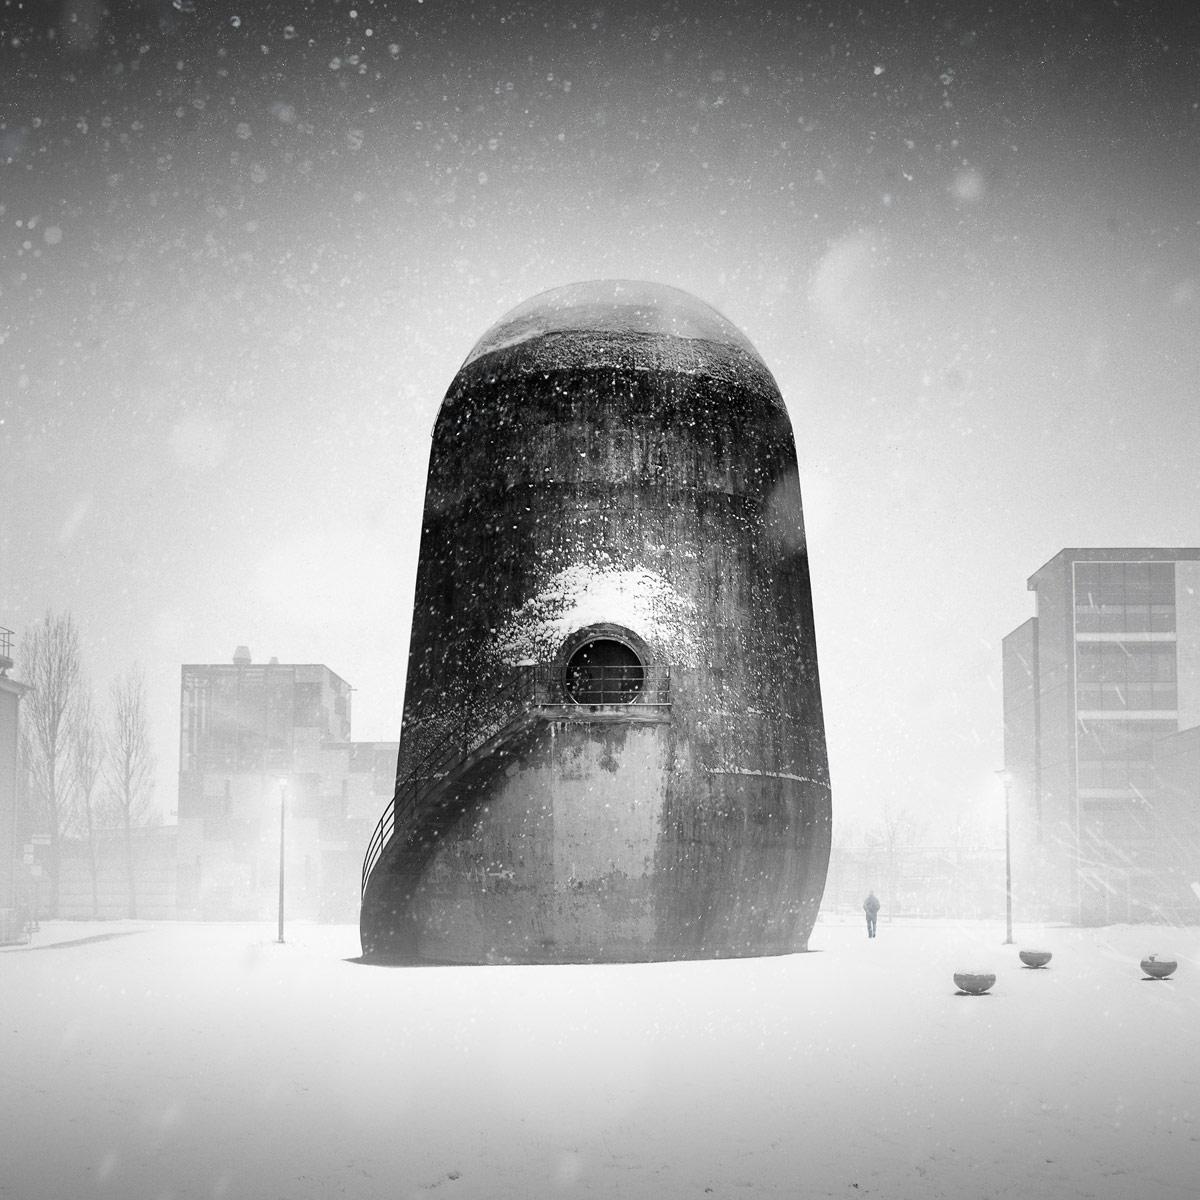 © Андреас Поль, Германия, Победитель категории «Архитектура», открытый конкурс, Sony World Photography Awards